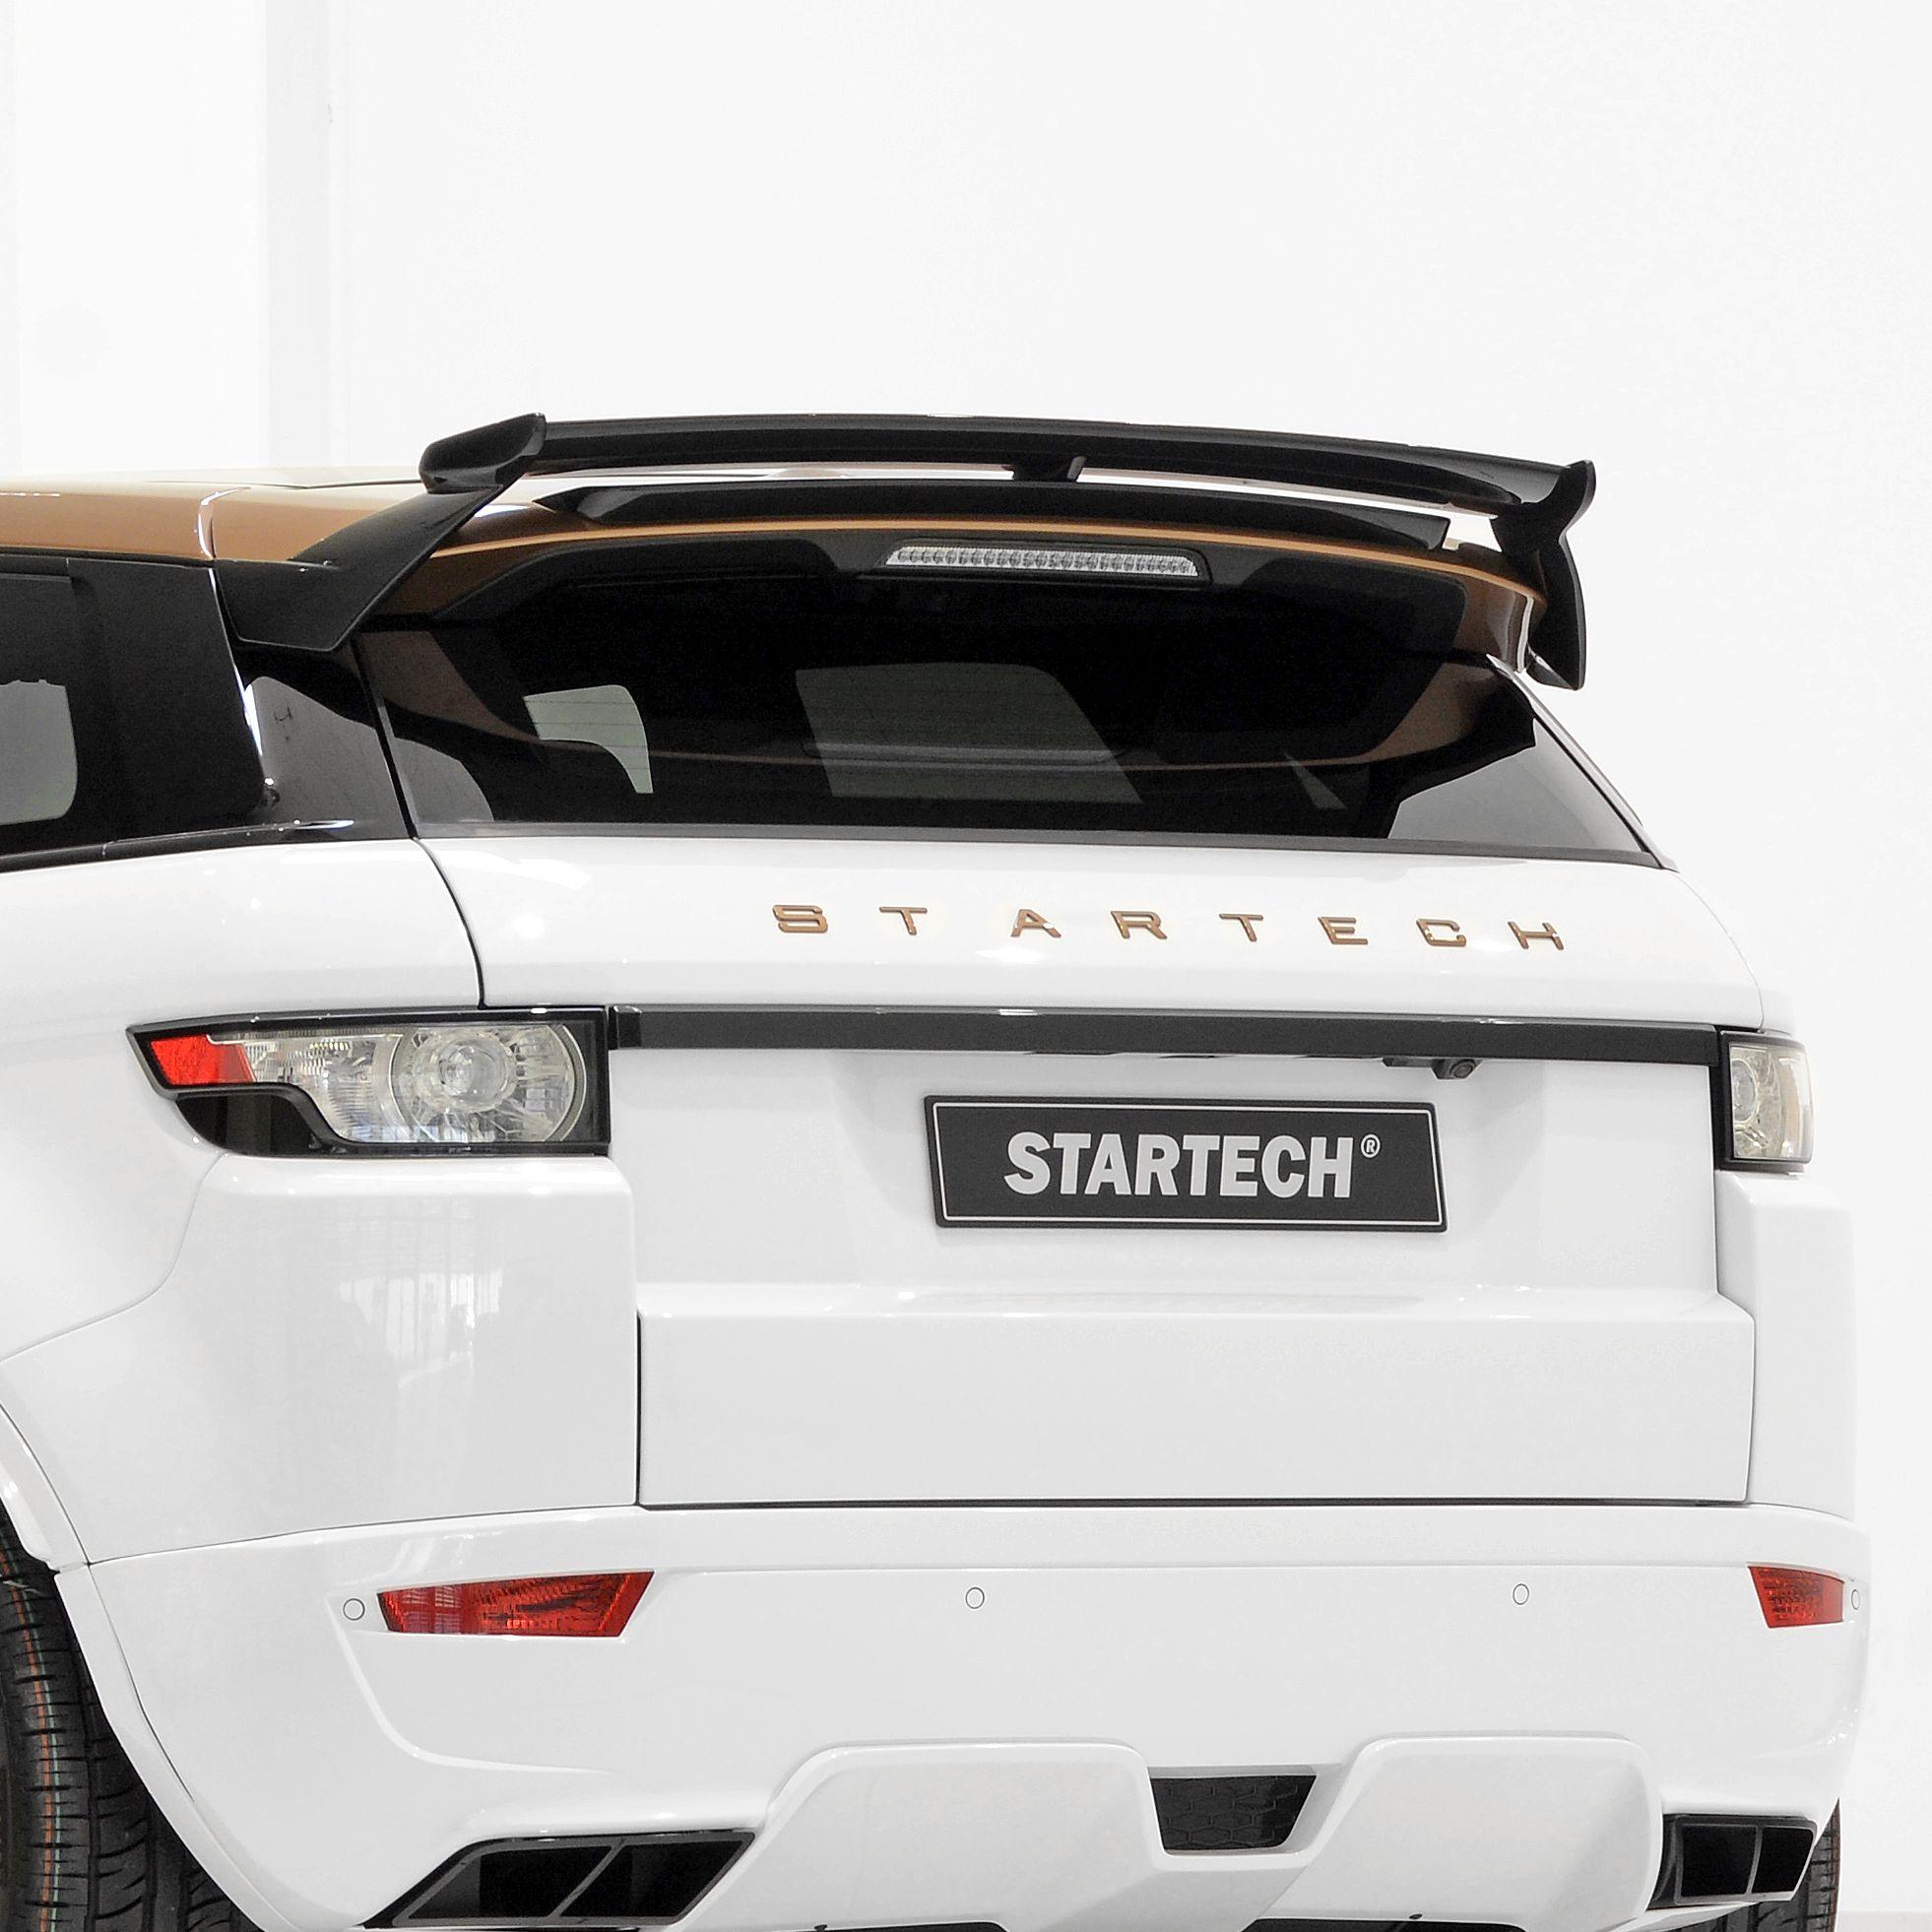 Range Rover Evoque Tuning Startech Startech Refinement